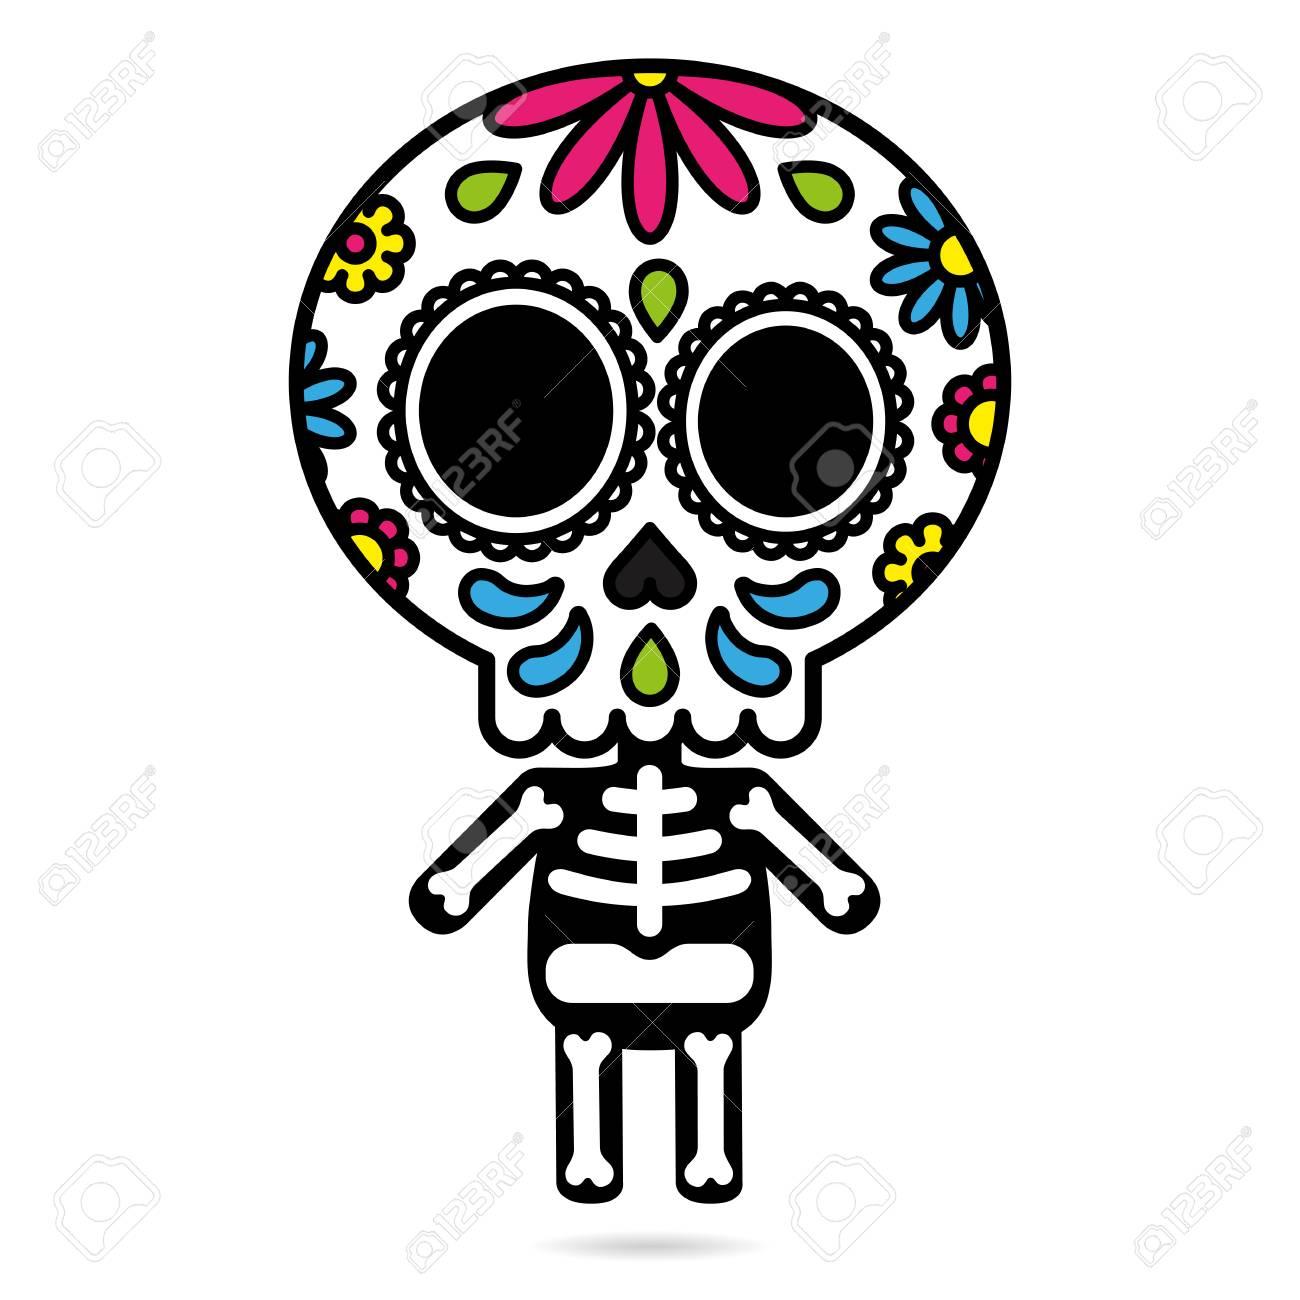 Lujoso Modelo Del Cráneo Del Bordado De Azúcar Colección de Imágenes ...